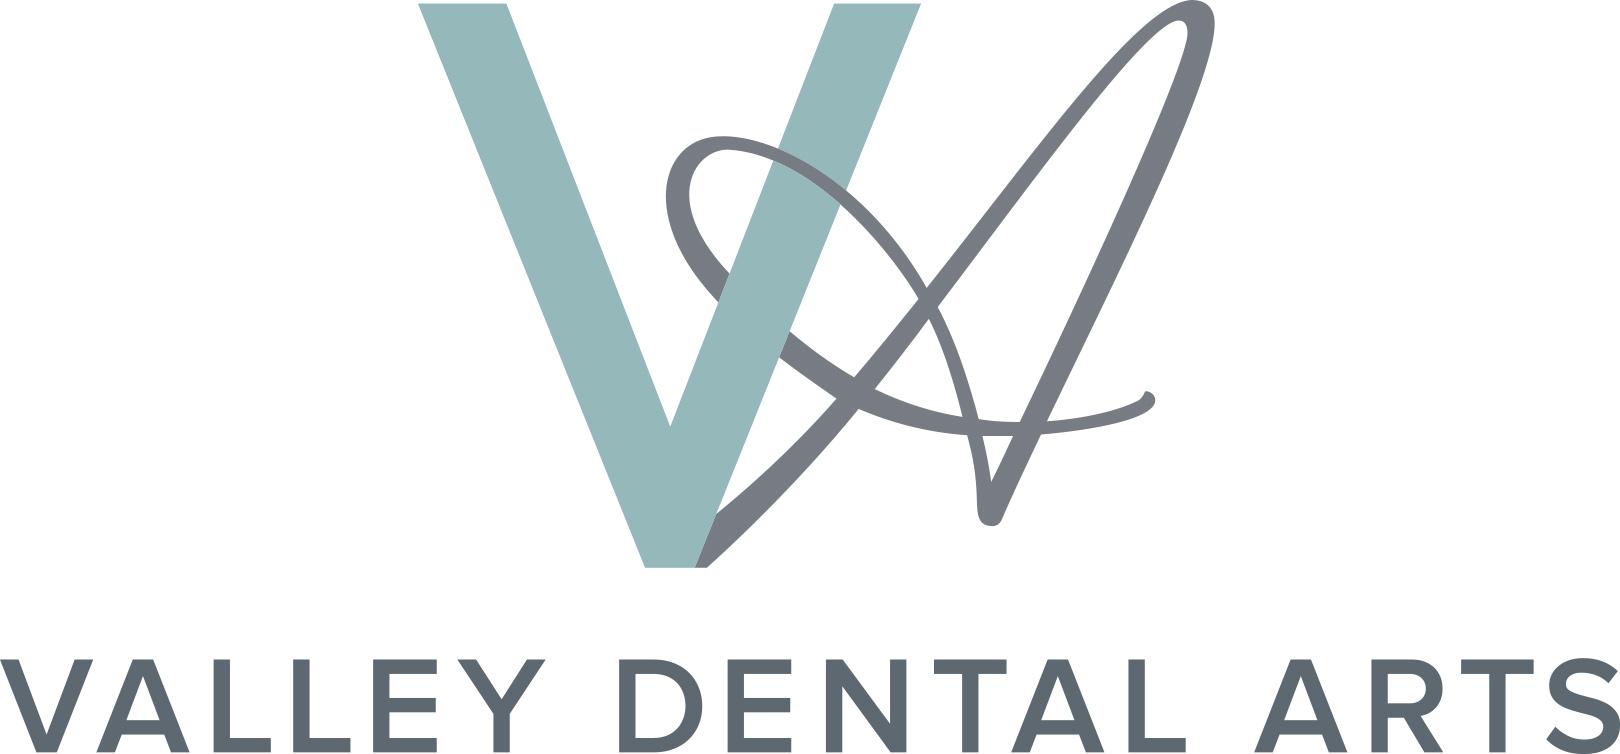 Valley Dental Arts